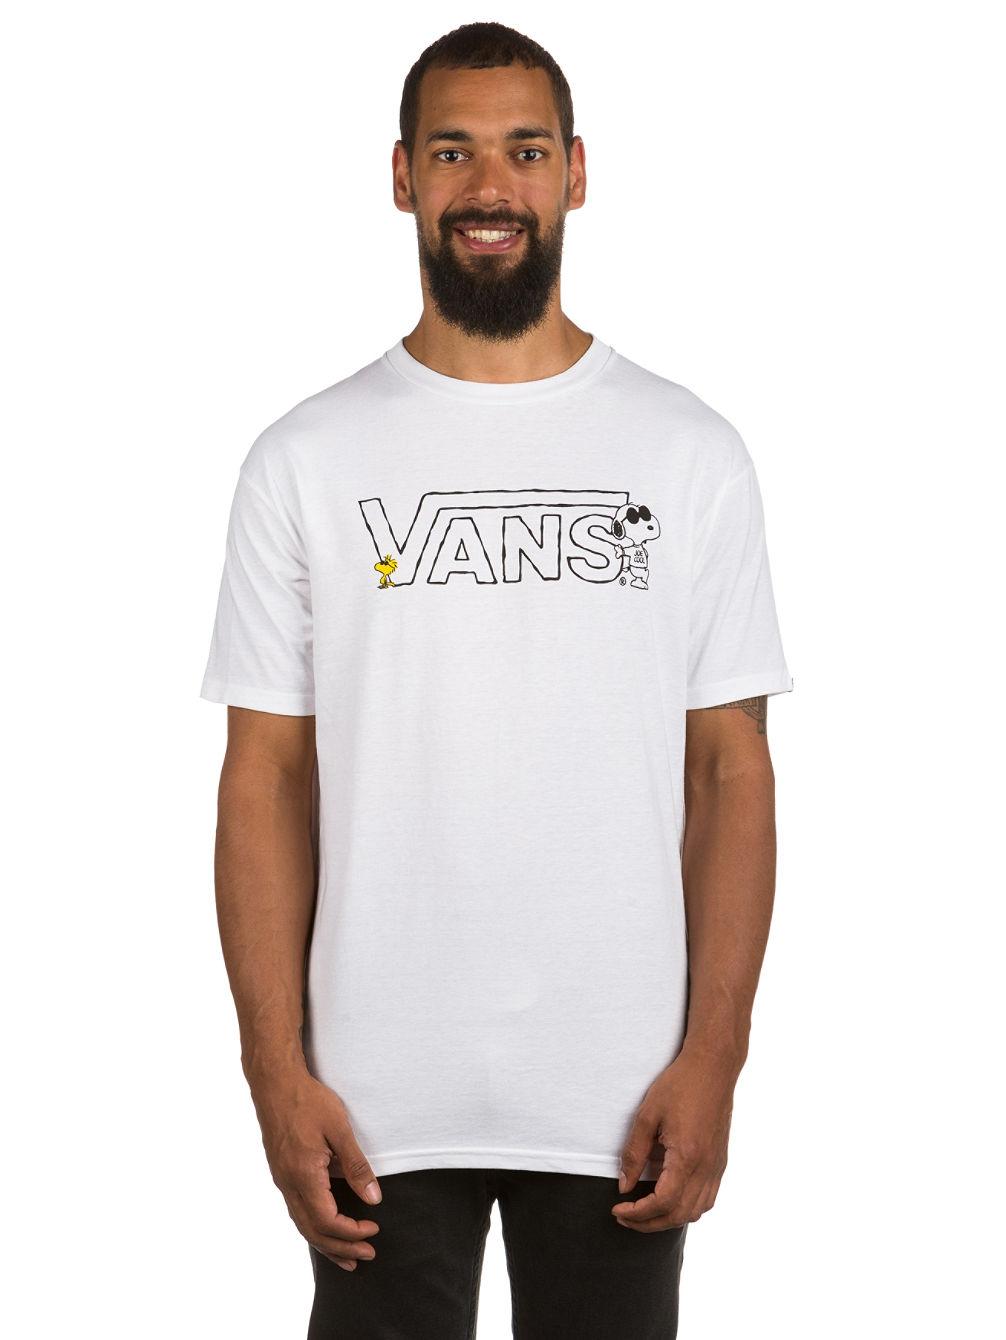 Vans Peanuts T-Shirt